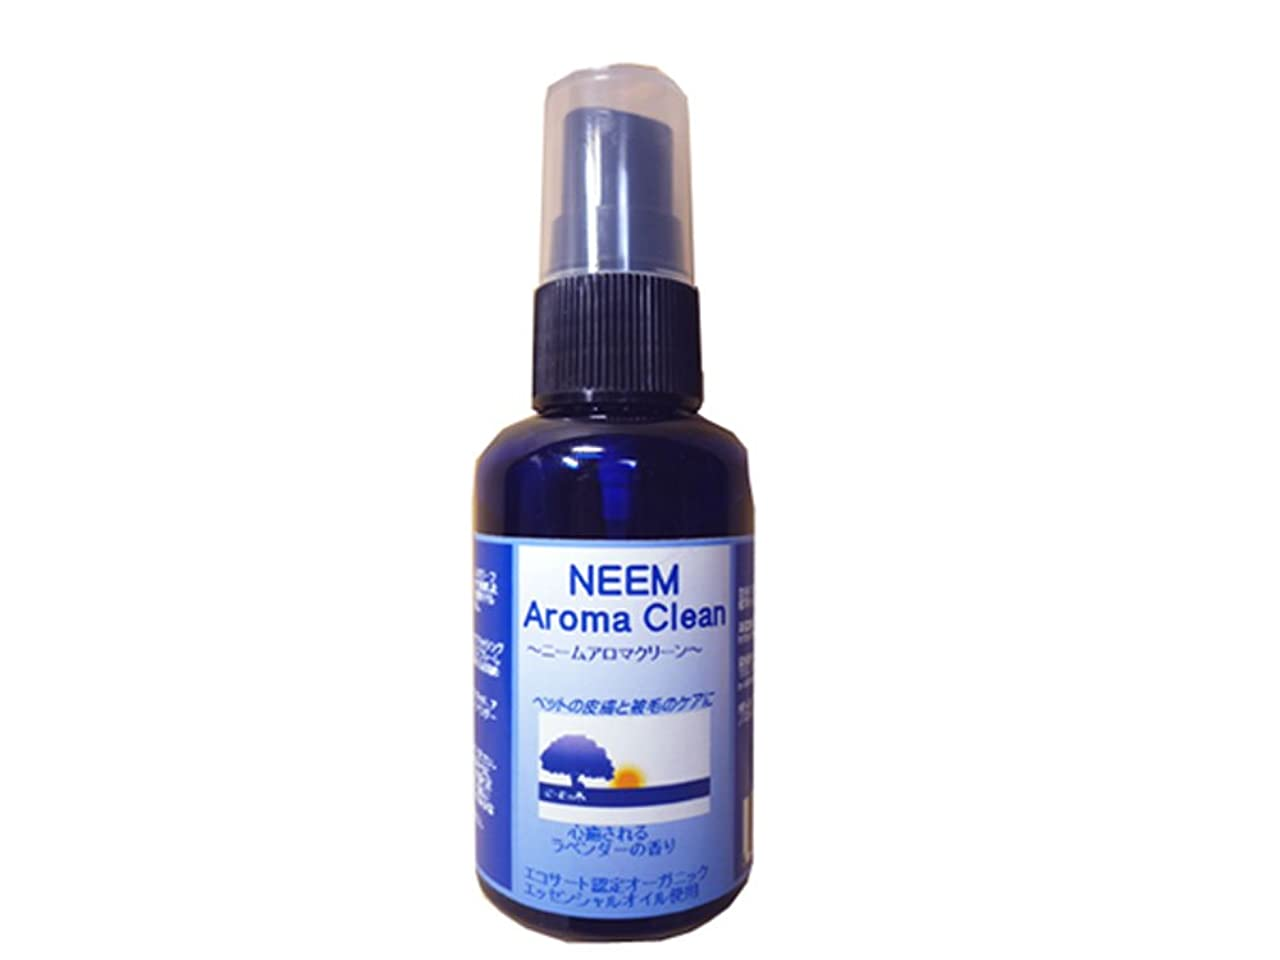 好色な教育学神聖ニームアロマクリーン(ラベンダー) NEEM Aroma Clean 50ml 【BLOOM】【(ノミ?ダニ)駆除用としてもお使いいただけます。】